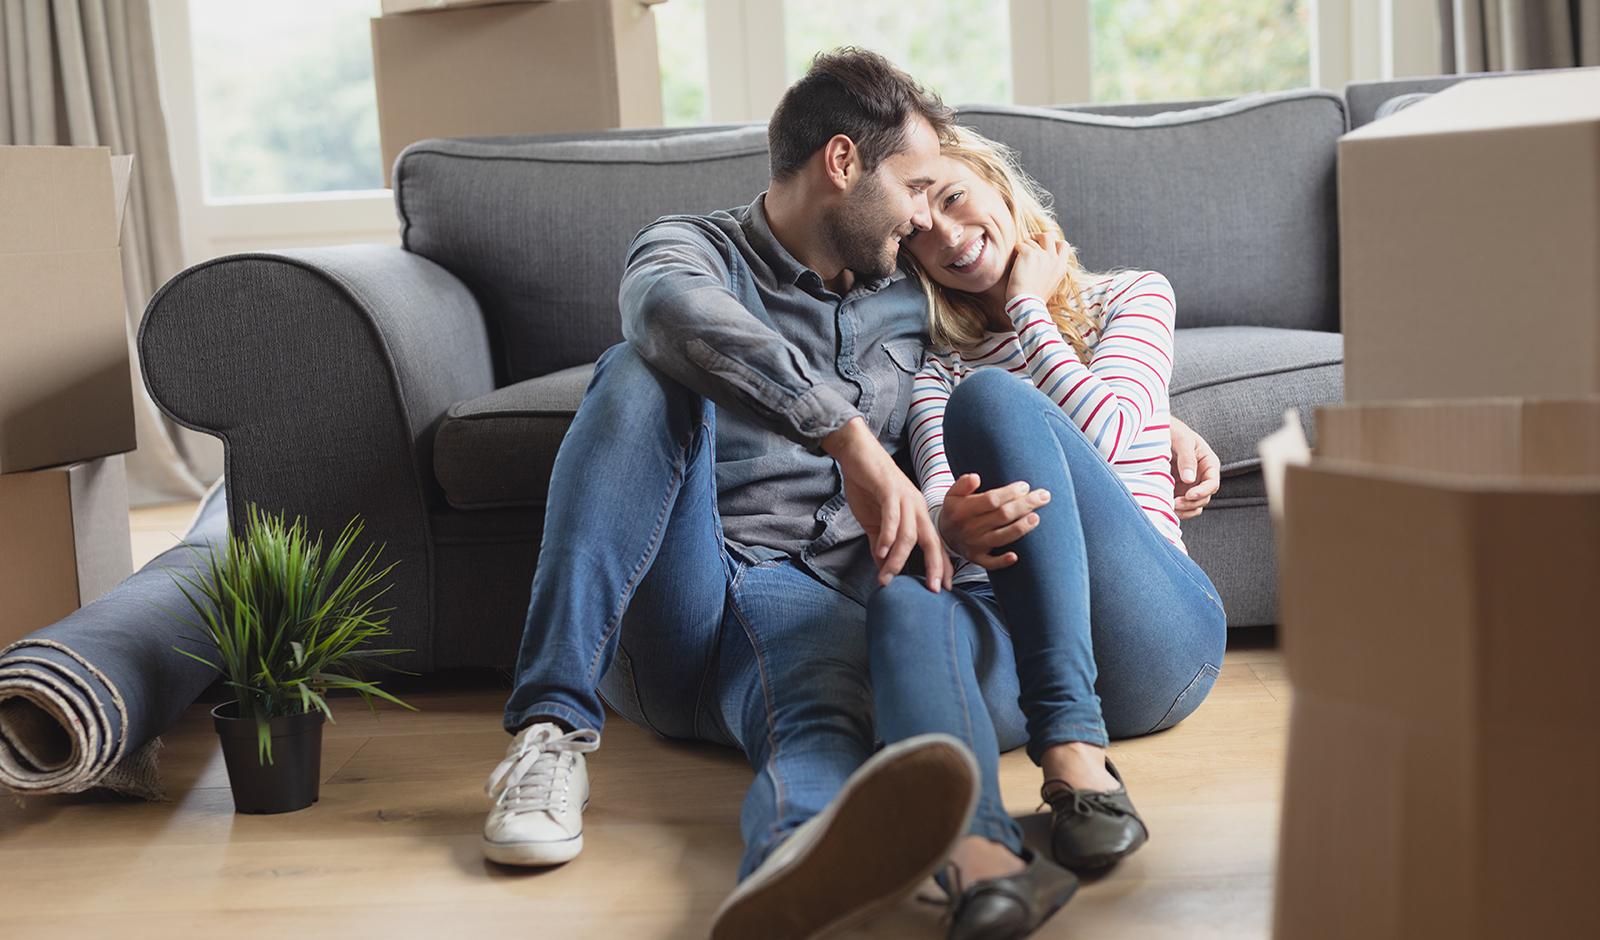 couple-cuddling-on-living-room-floor